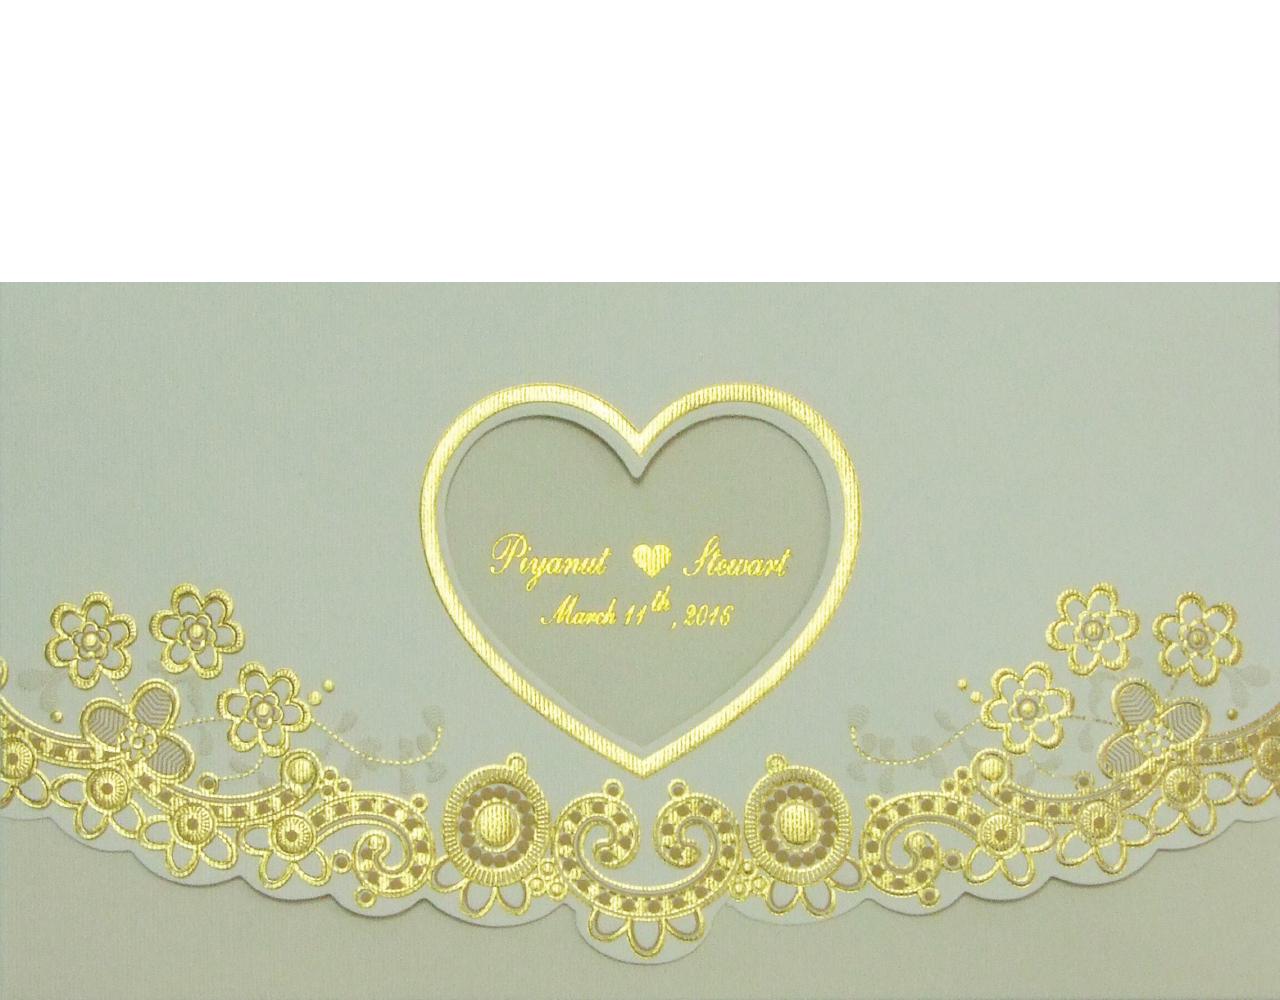 wedding card 10.5 x 18.5 cm WC 5641 Cream ฿ 8.50